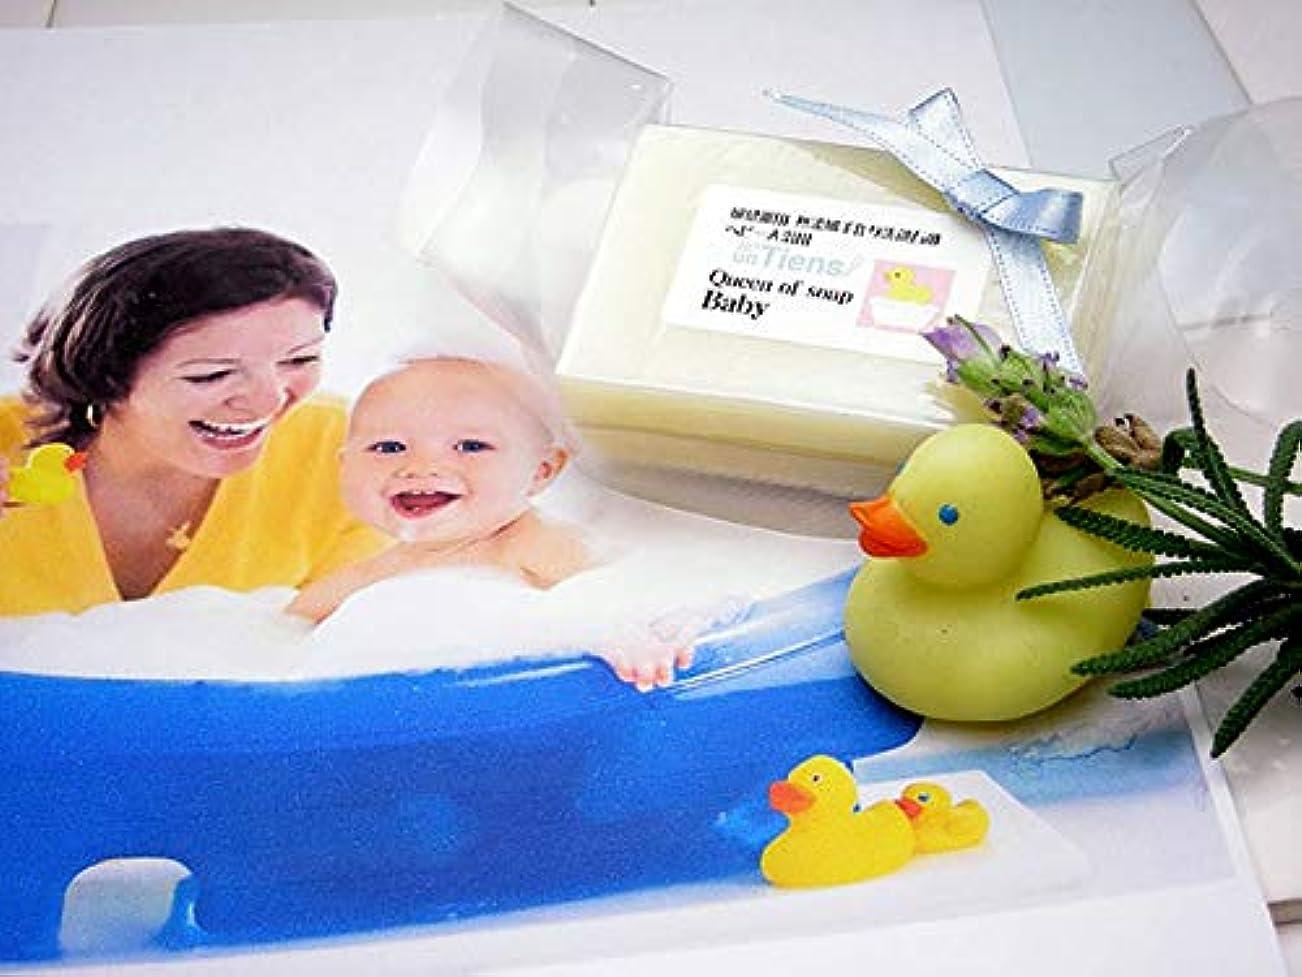 小石国際海峡ひも手作り石鹸アンティアン クイーンオブソープ 「ベイビー」 もっとお得な5個セット 200g